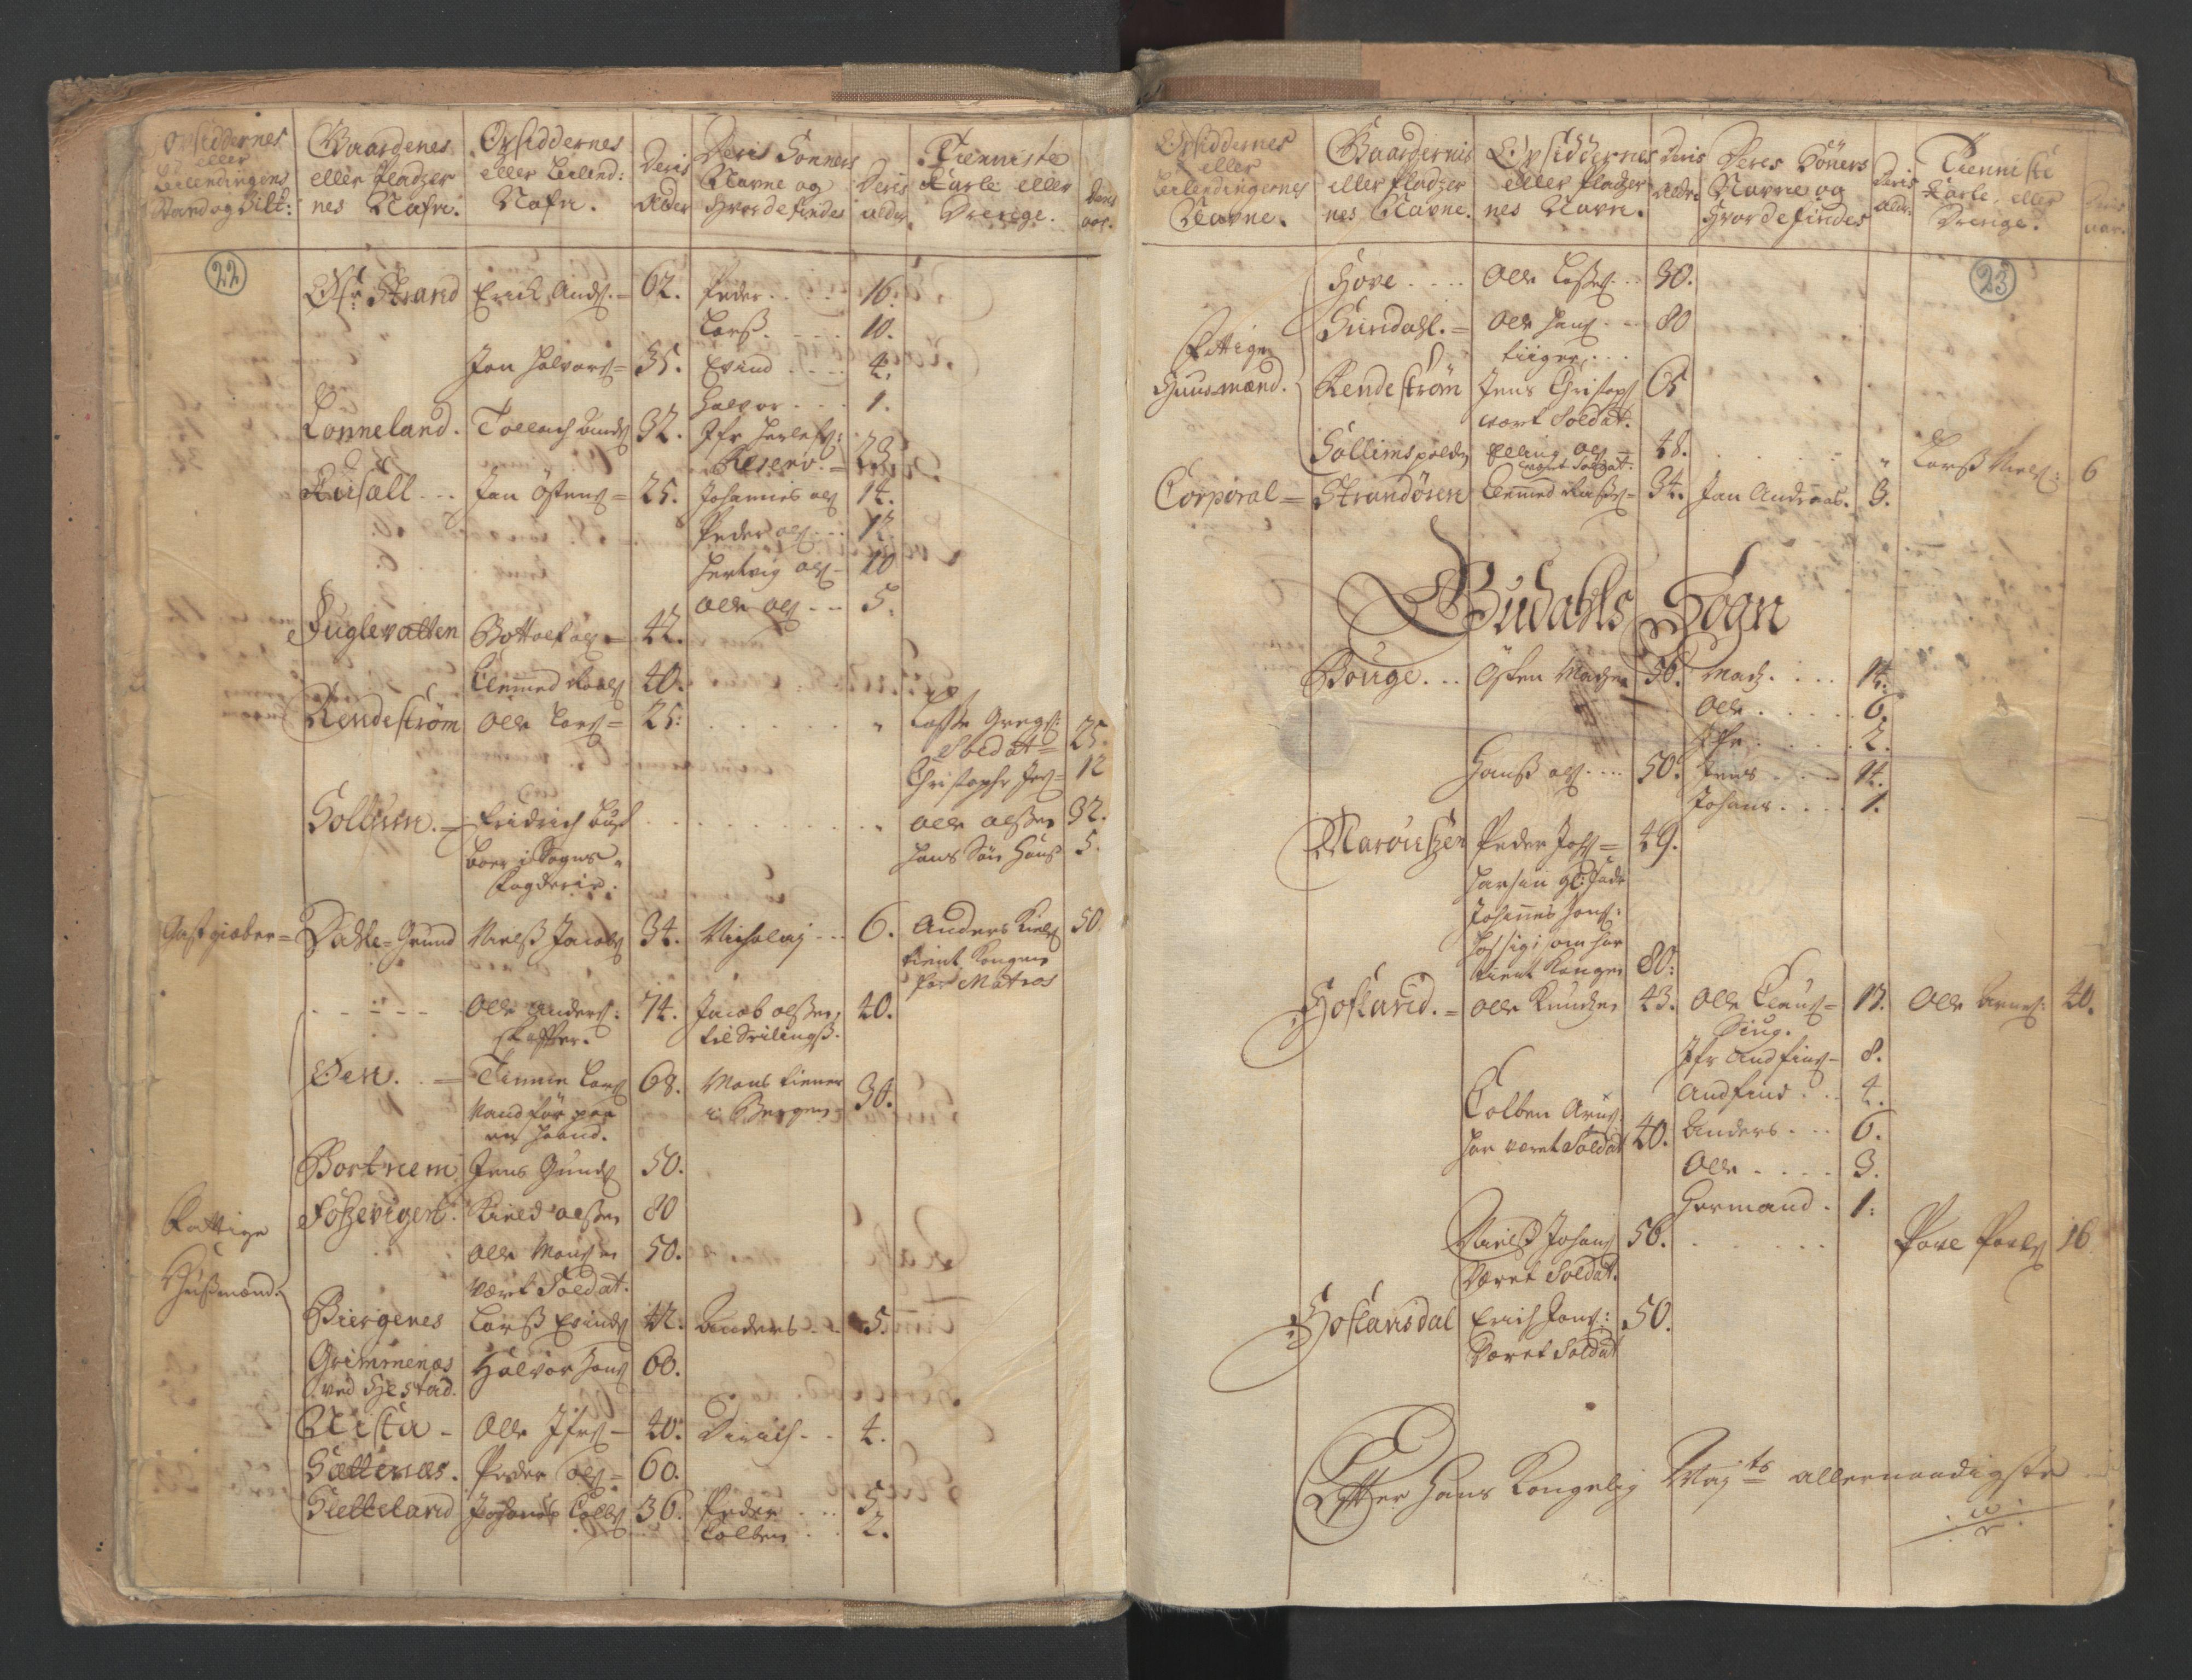 RA, Manntallet 1701, nr. 9: Sunnfjord fogderi, Nordfjord fogderi og Svanø birk, 1701, s. 22-23